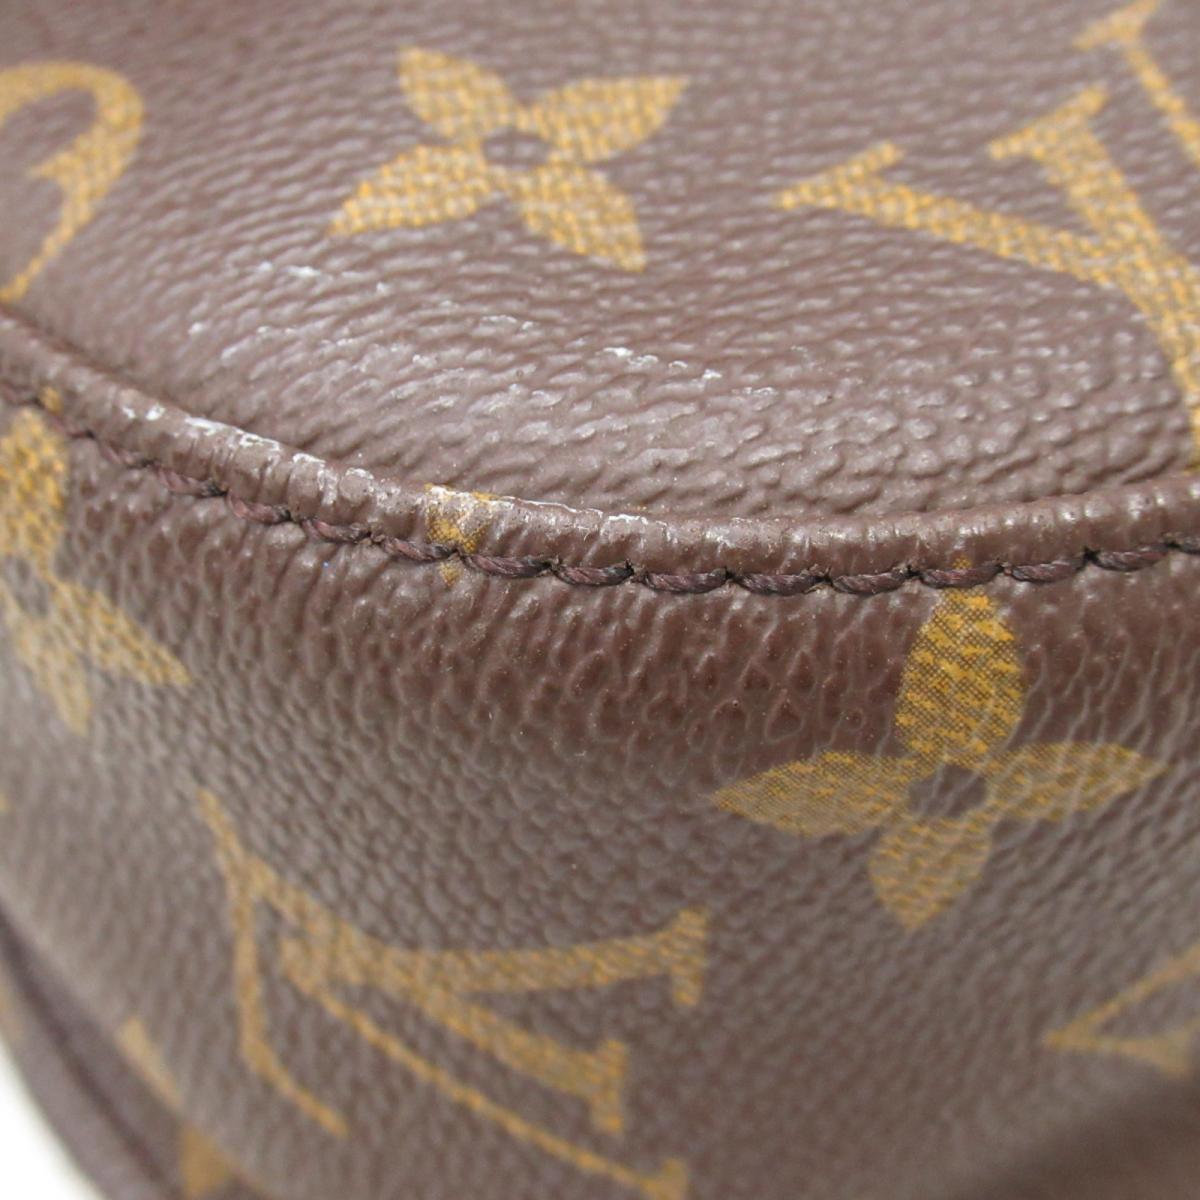 LOUIS VUITTON バッグ M51242 サンクルー ショルダーバッグ